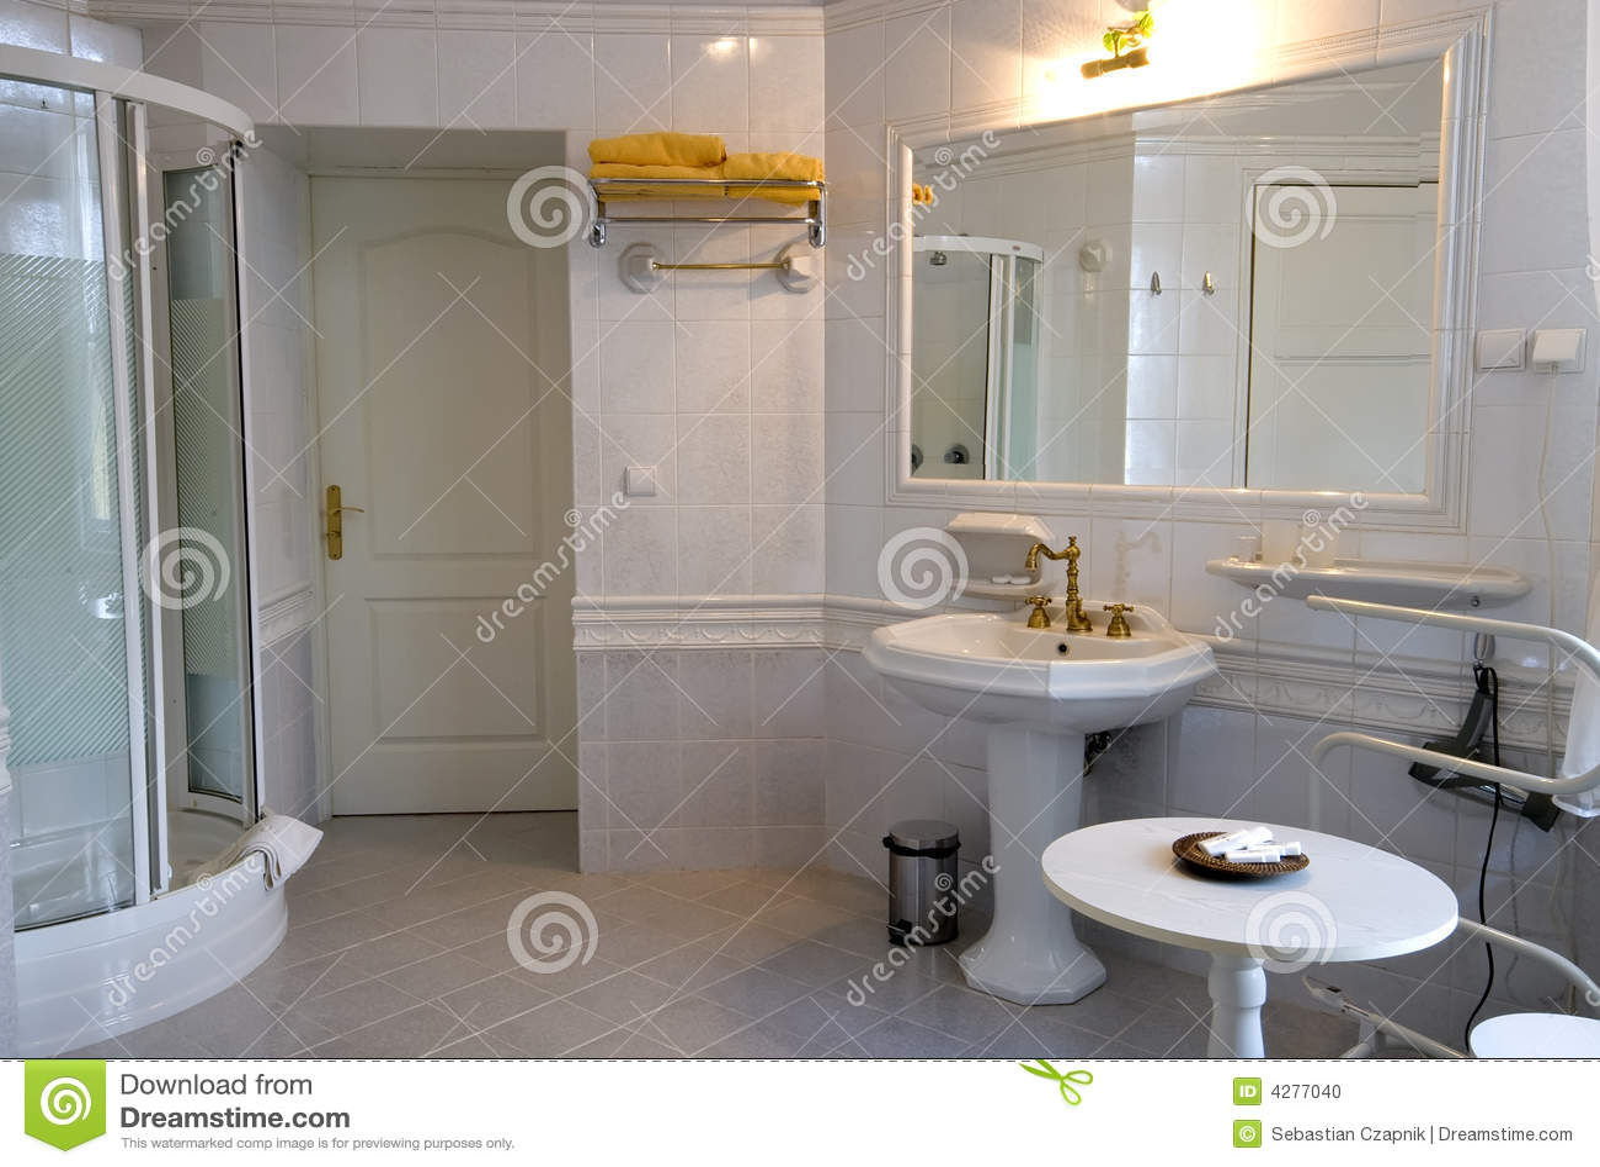 Banheiro Branco Foto de Stock Imagem: 4277040 #A97822 1300x965 Banheiro Branco Moderno